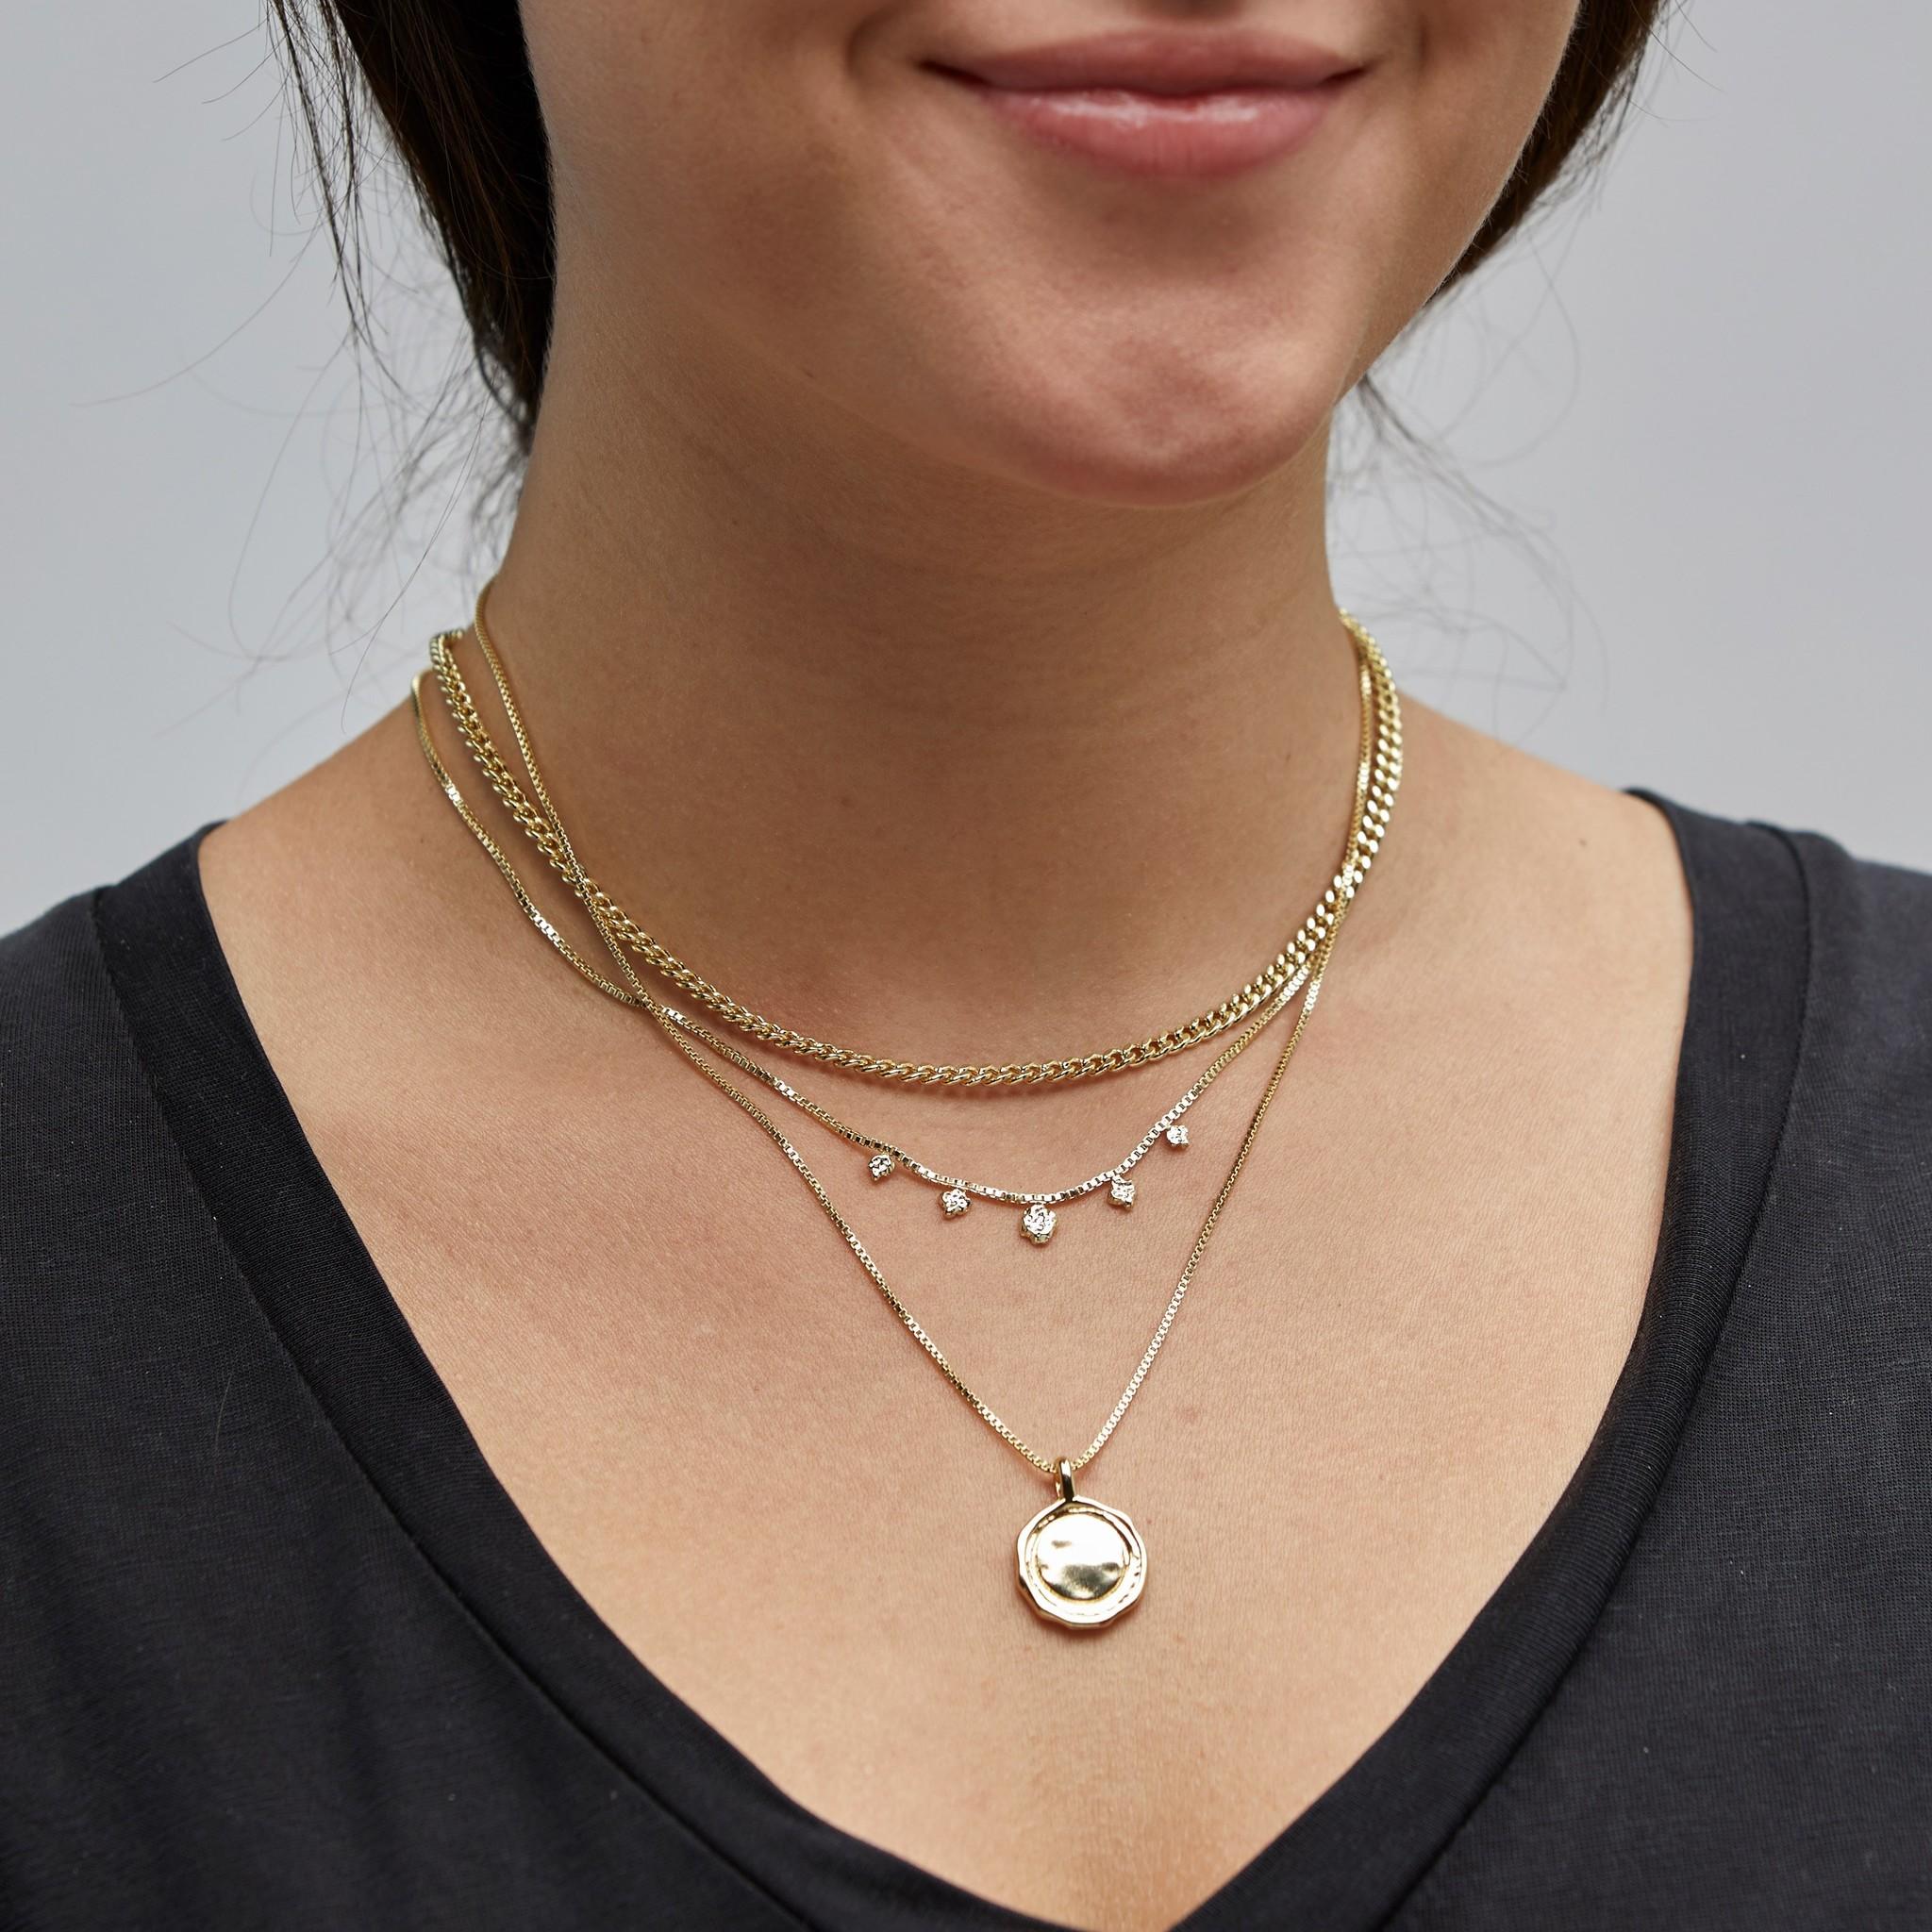 Pilgrim Pilgrim Gold 2-in-1 Necklace Set : Air